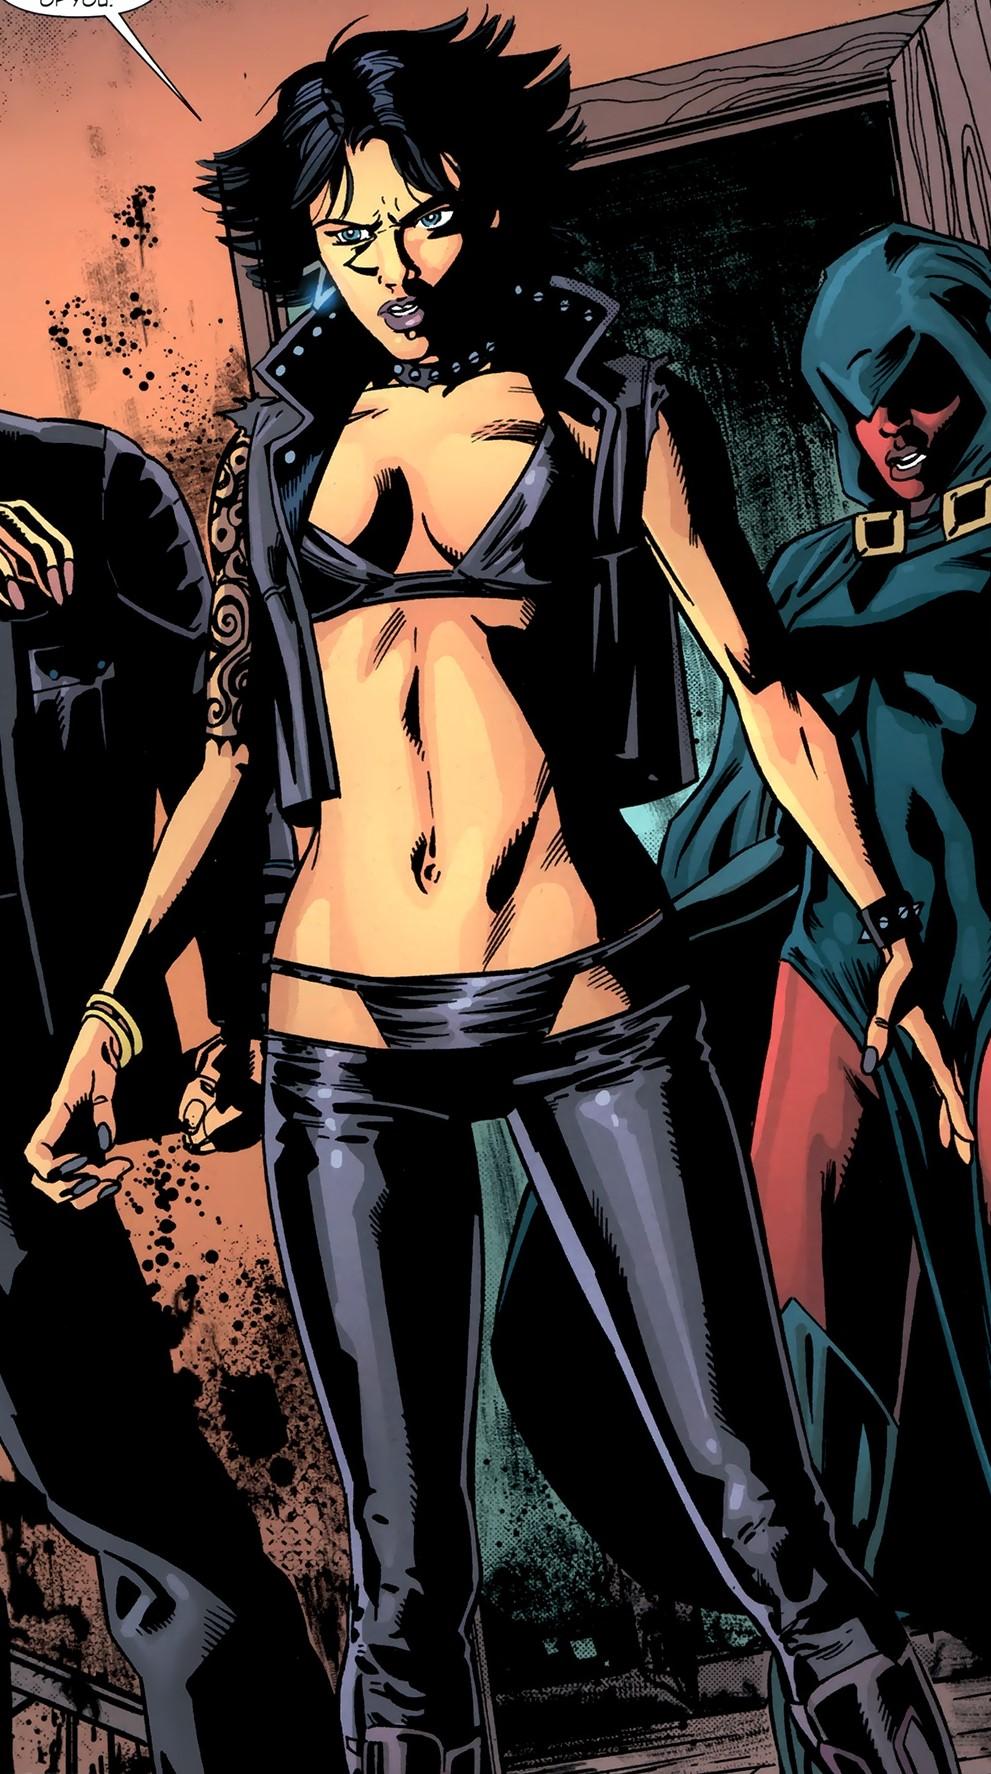 Zatanna Zatara (Flashpoint Timeline)